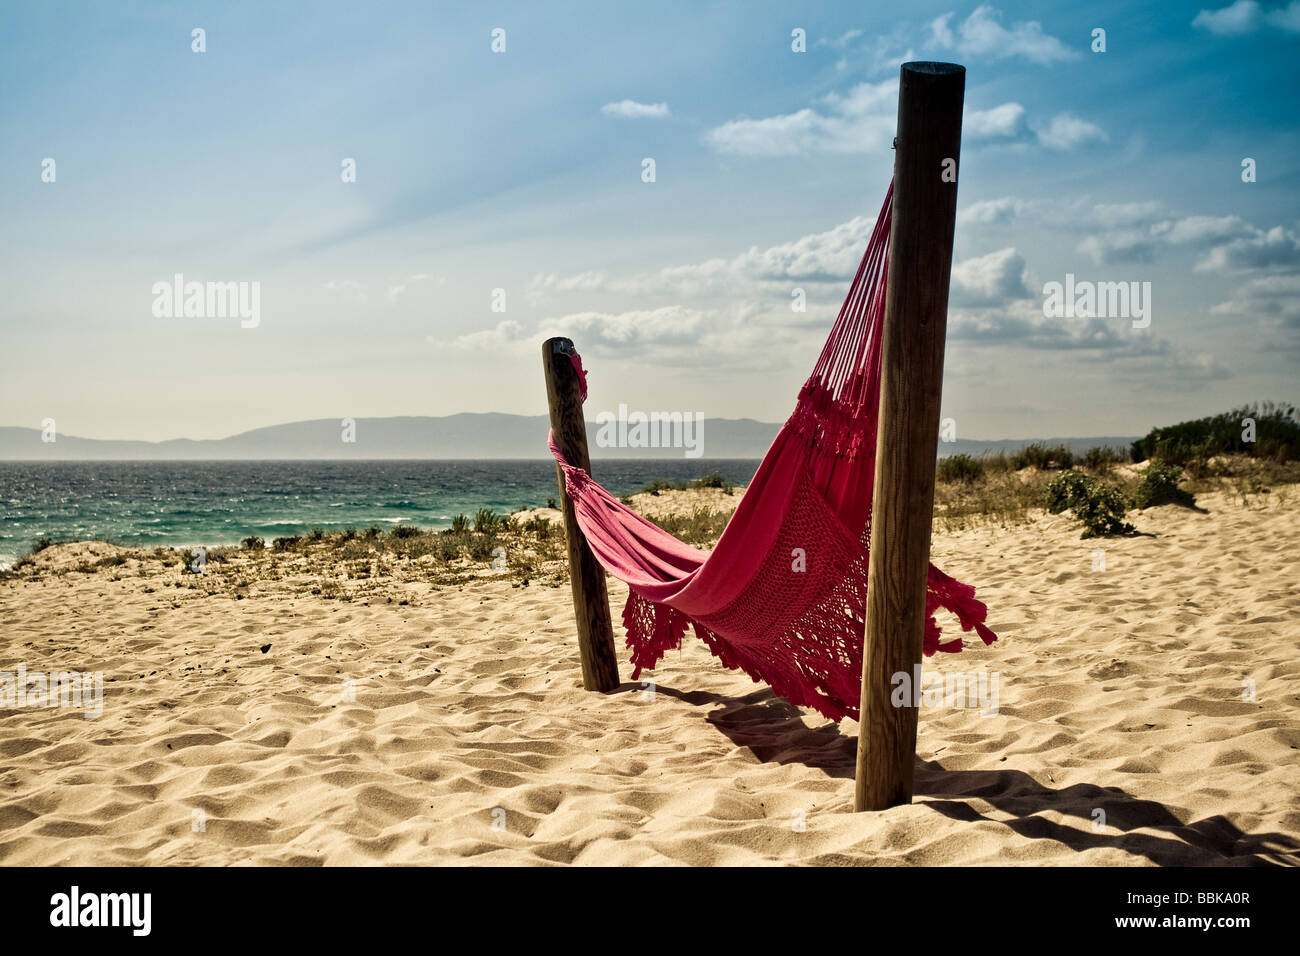 A hammock on a beach - Stock Image